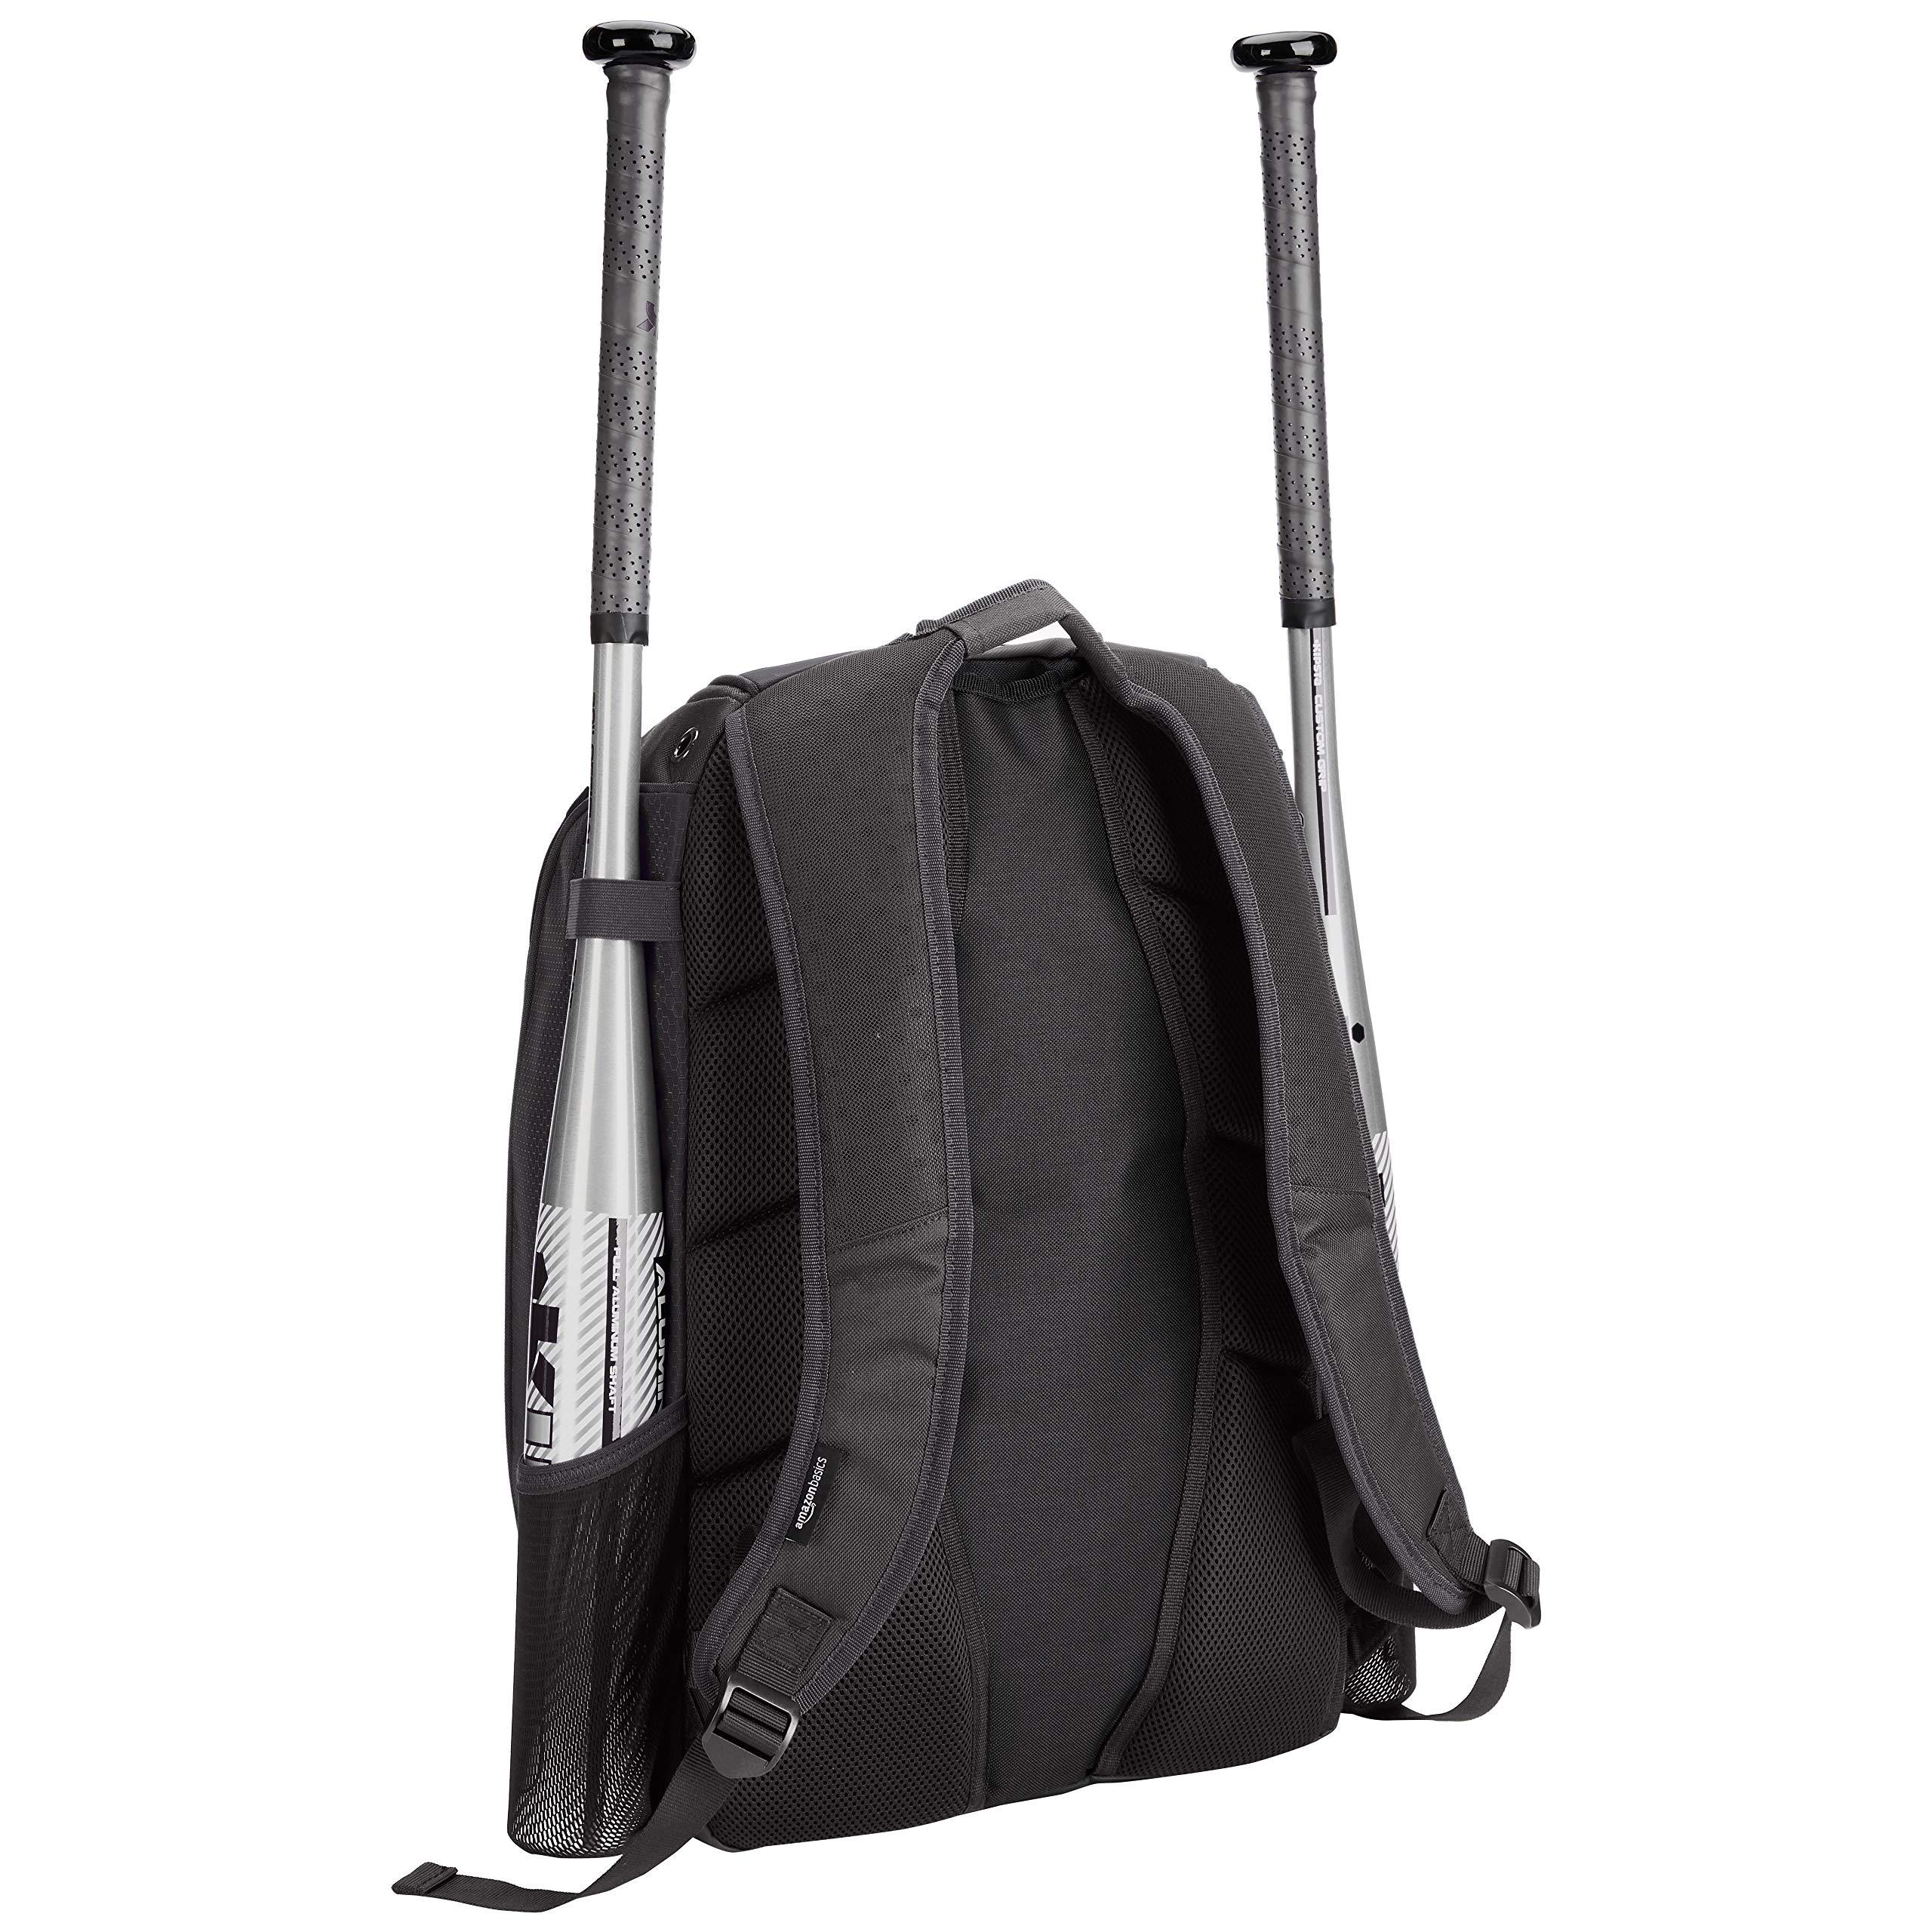 AmazonBasics Youth Baseball Equipment Backpack, Black by AmazonBasics (Image #3)